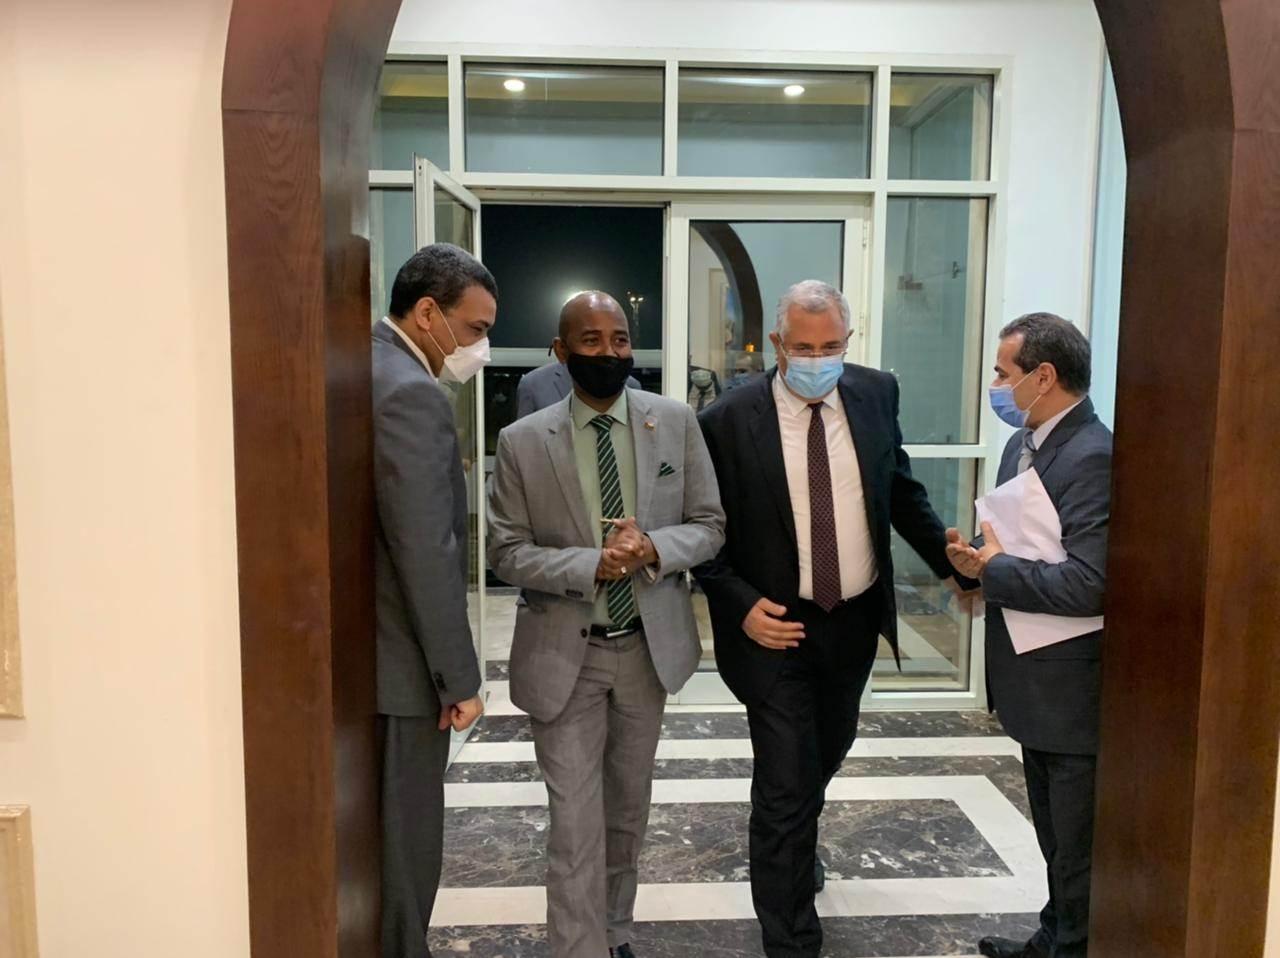 السيد القصير خلال استقباله وزير الثروة الحيوانية السوداني في مطار القاهرة